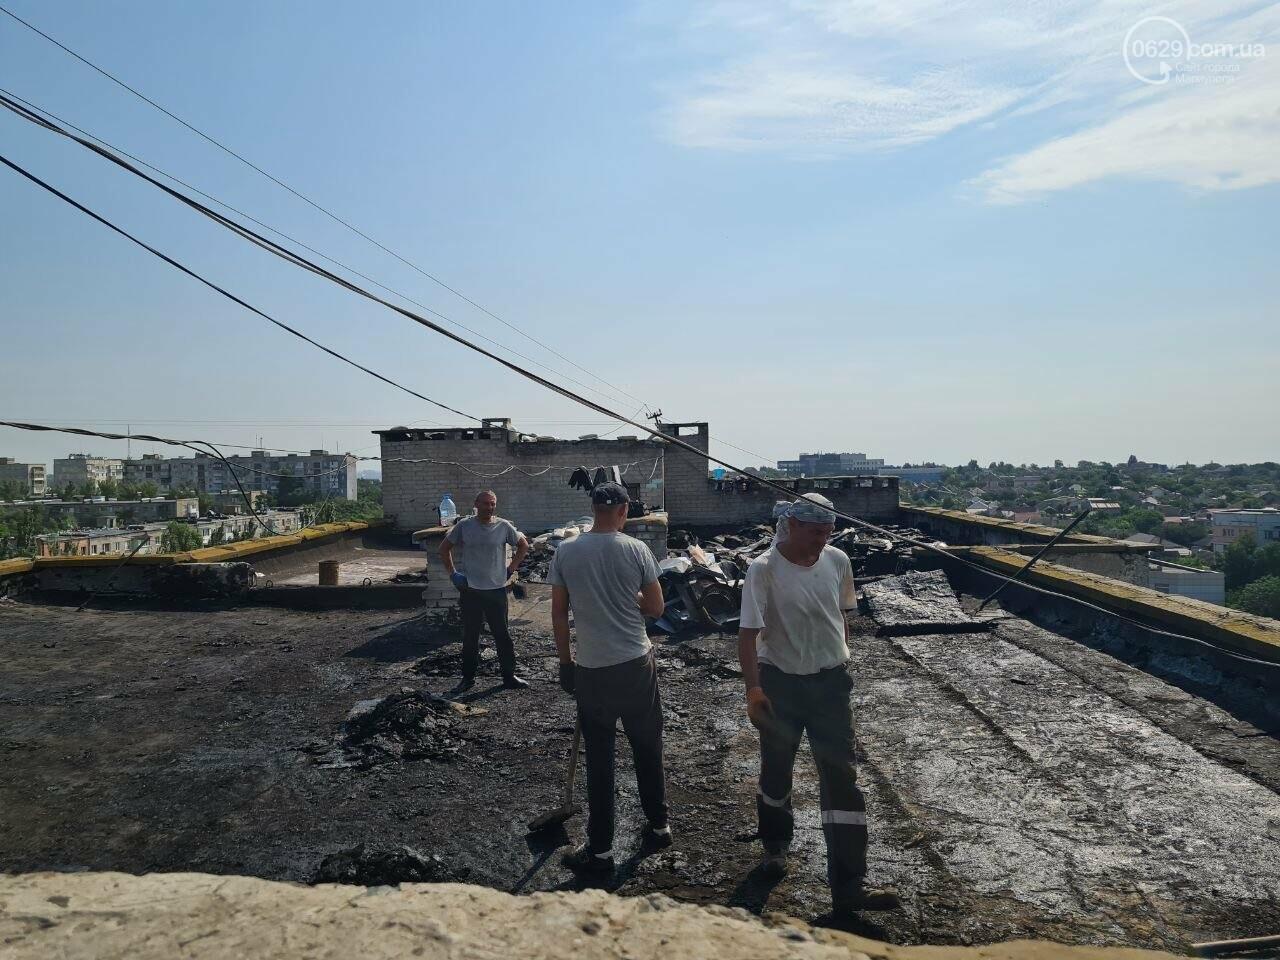 Эхо непогоды! В Мариуполе внепланово ремонтируют пострадавшую от ливня многоэтажку, - ФОТО, фото-13